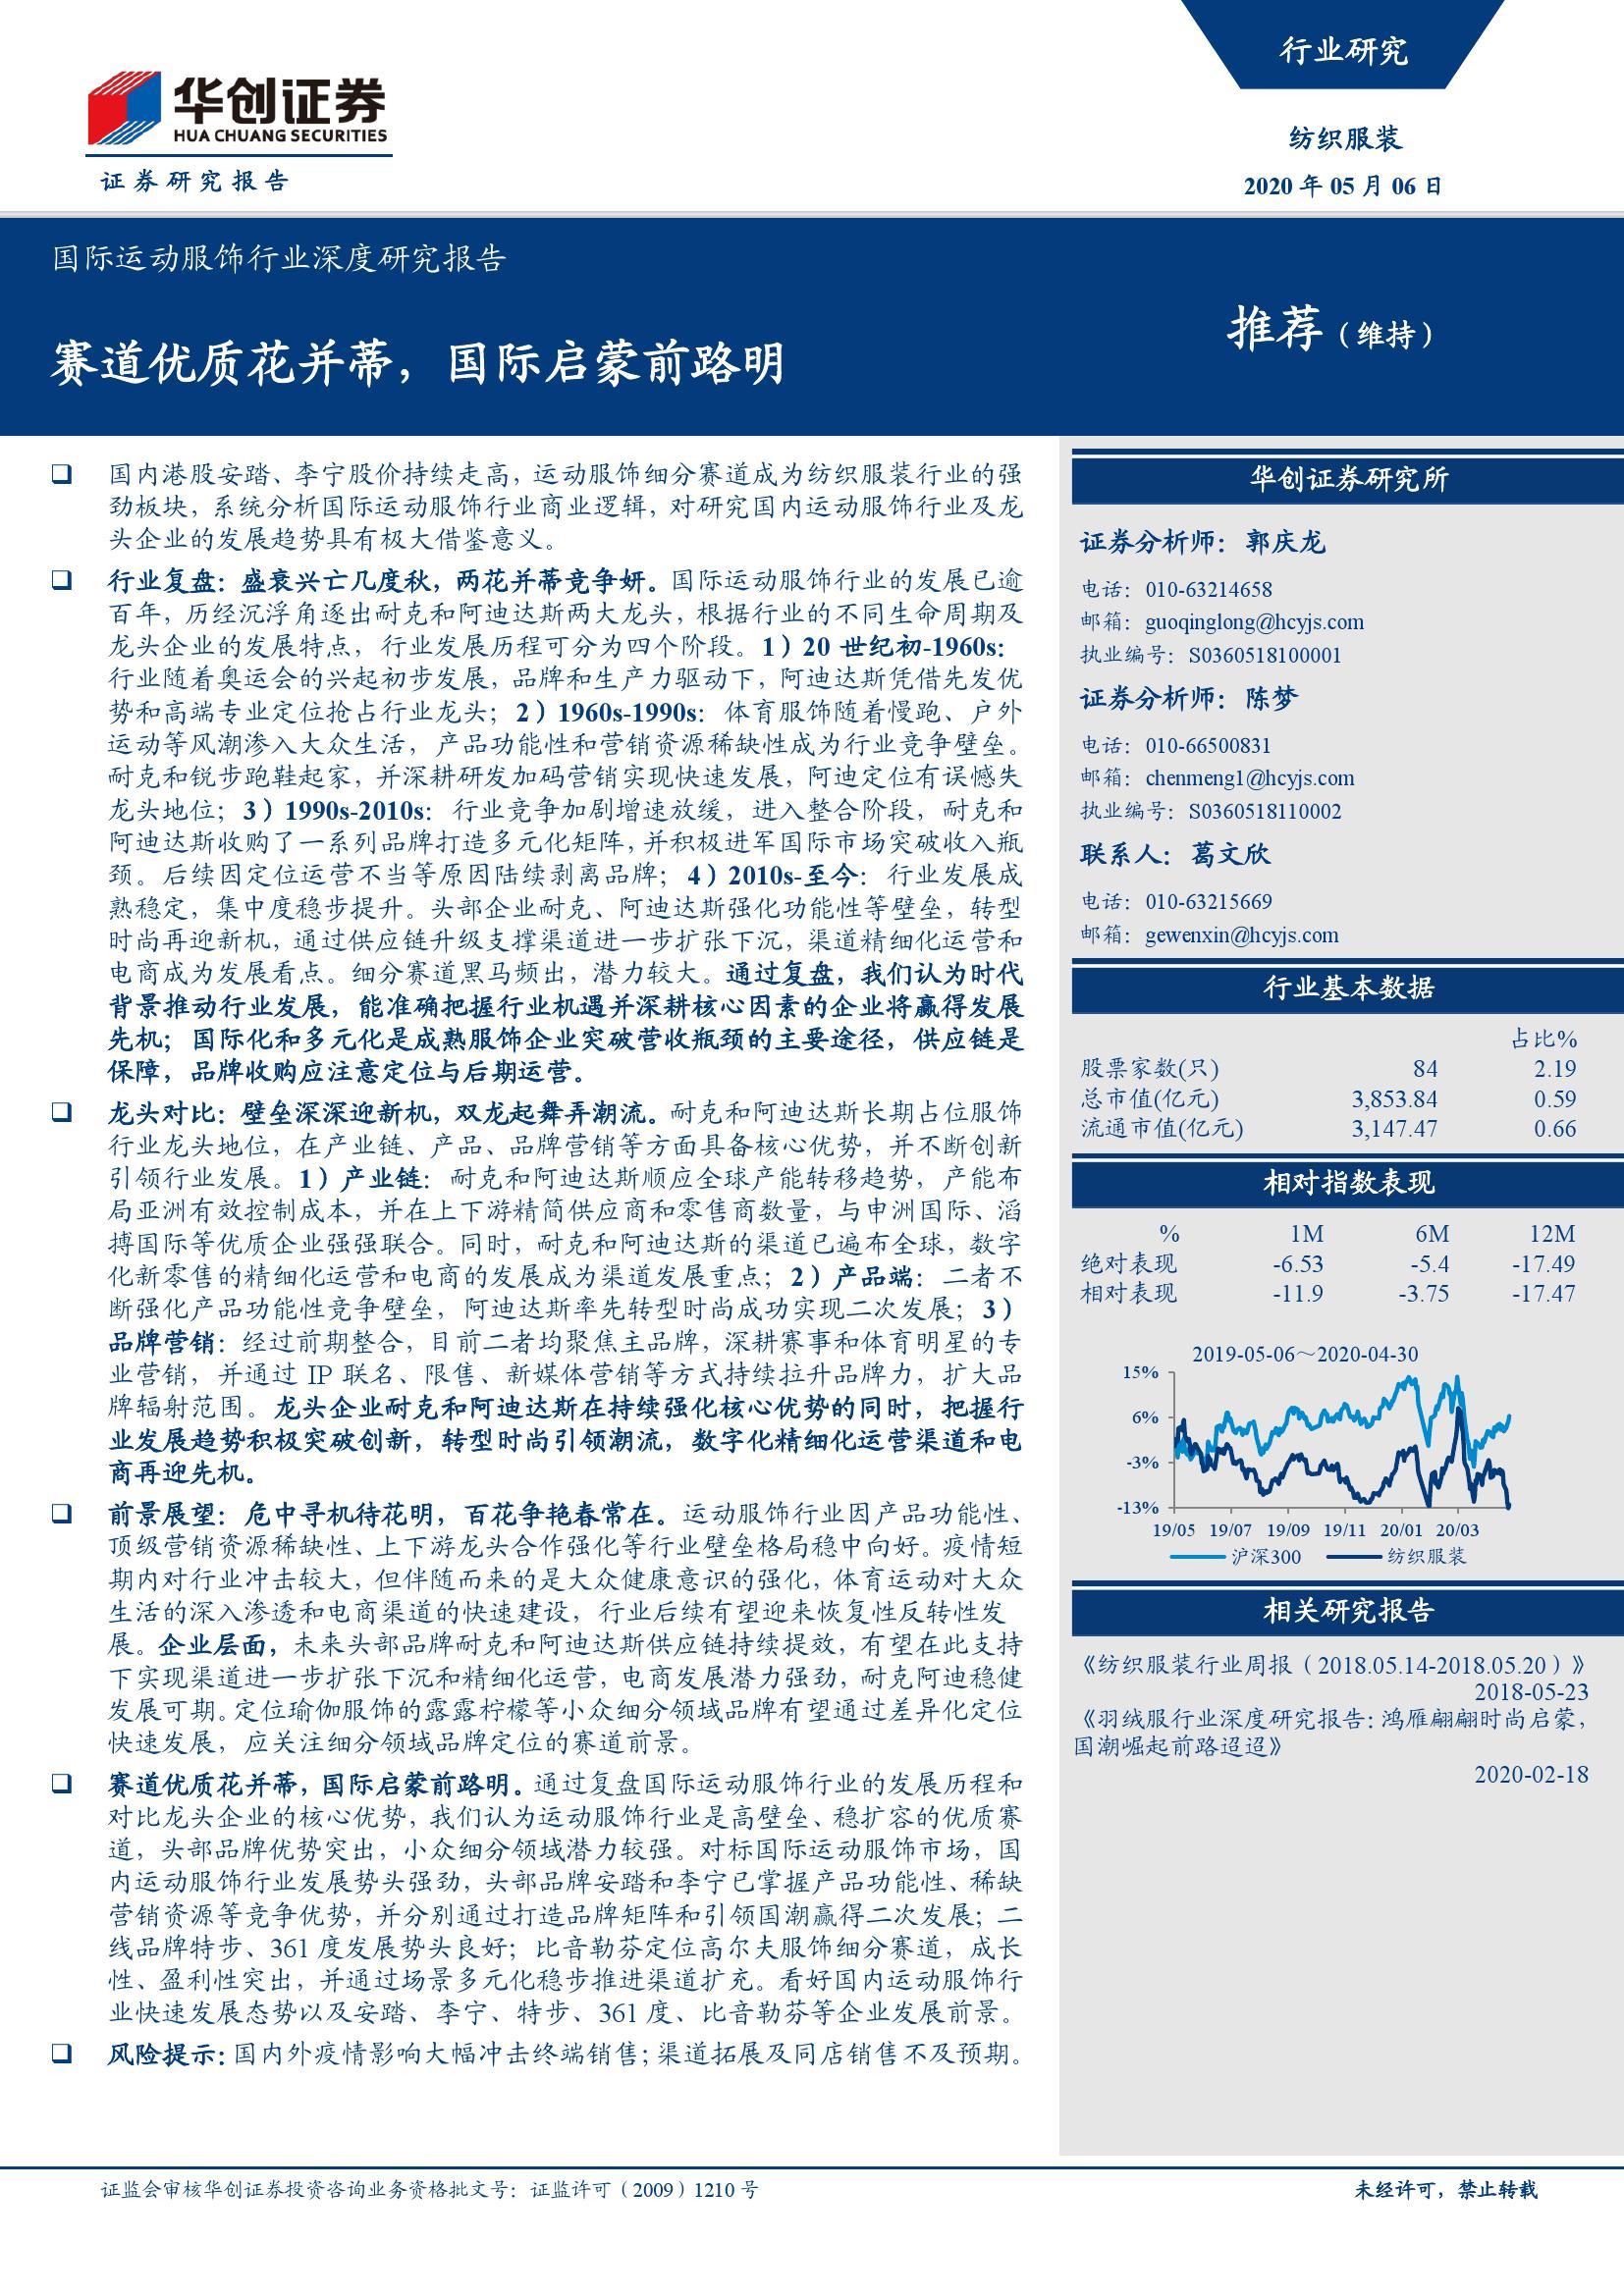 华创证券:2020年国际运动服饰行业深度研究报告(附下载)